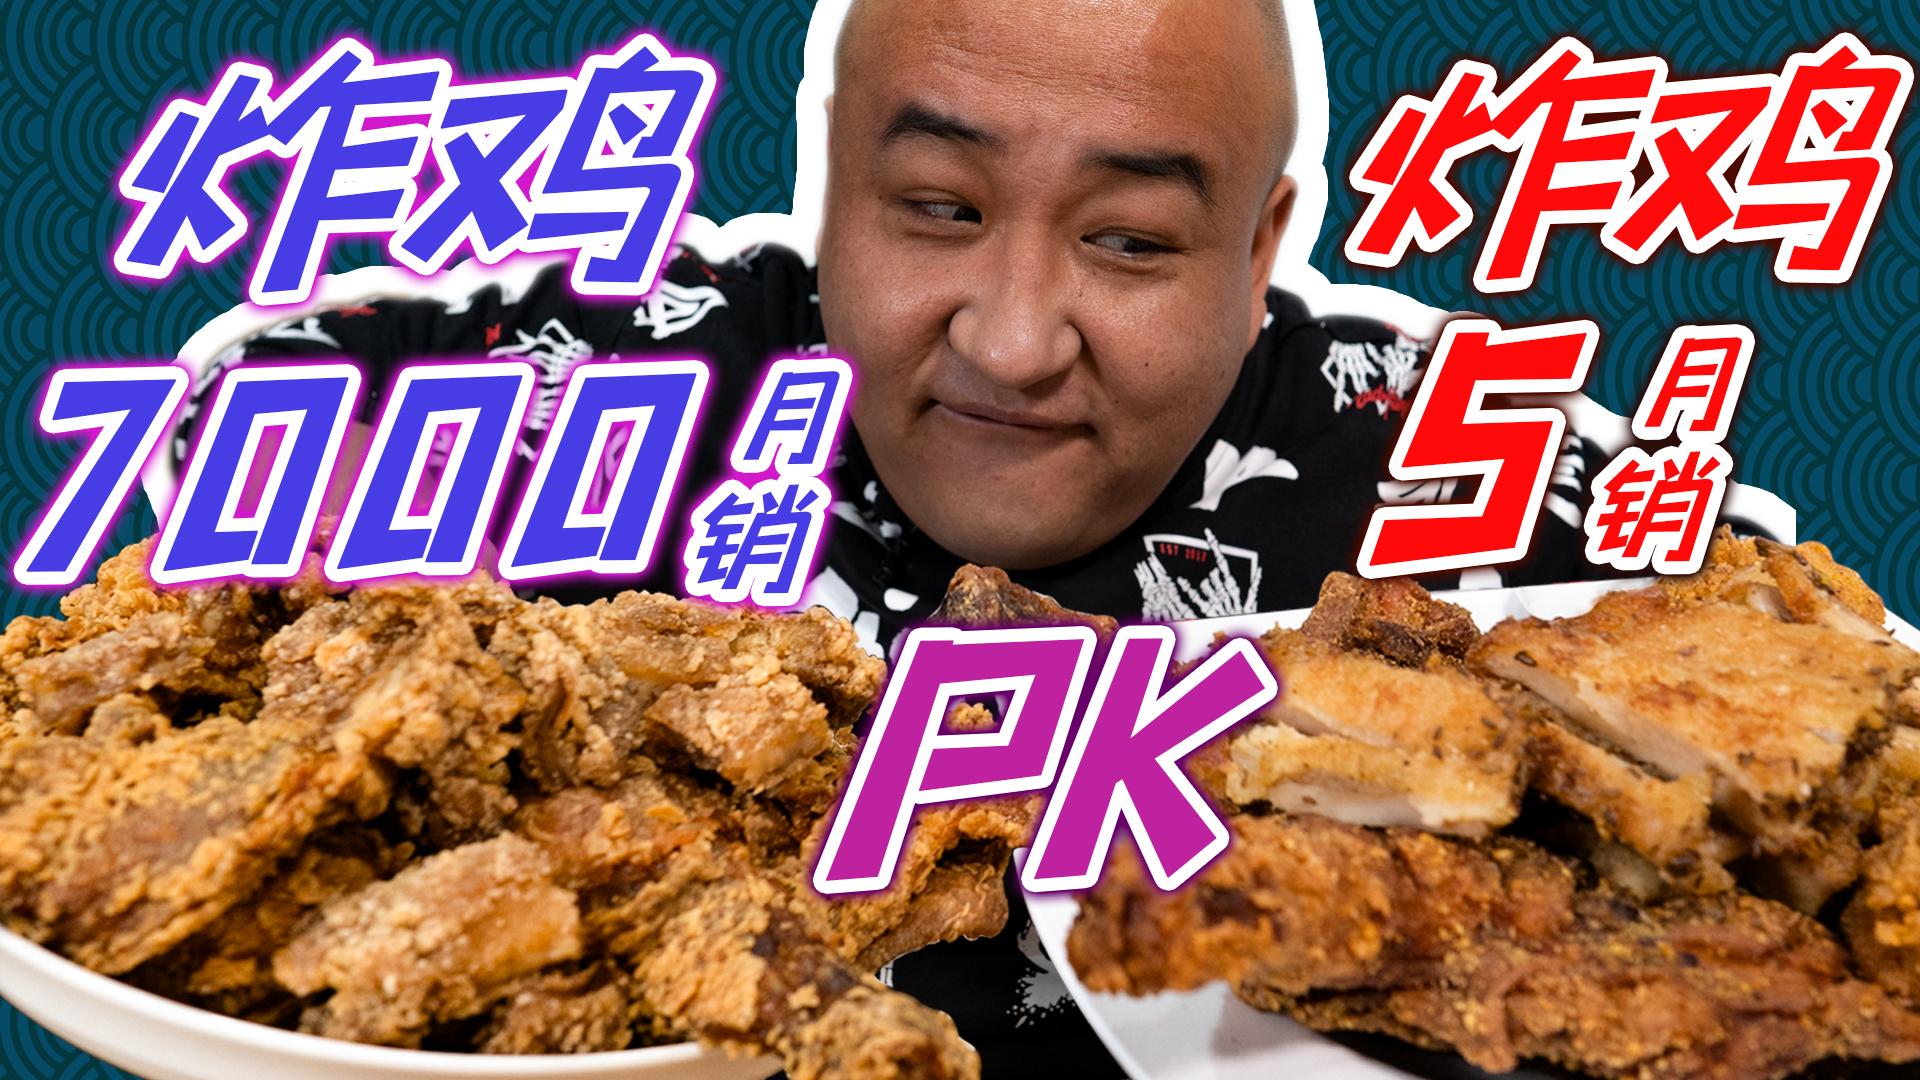 【吃货请闭眼】120元买2大盘炸鸡!月销7000的炸鸡手枪腿有多酥脆?炸鸡配啤酒超过瘾!